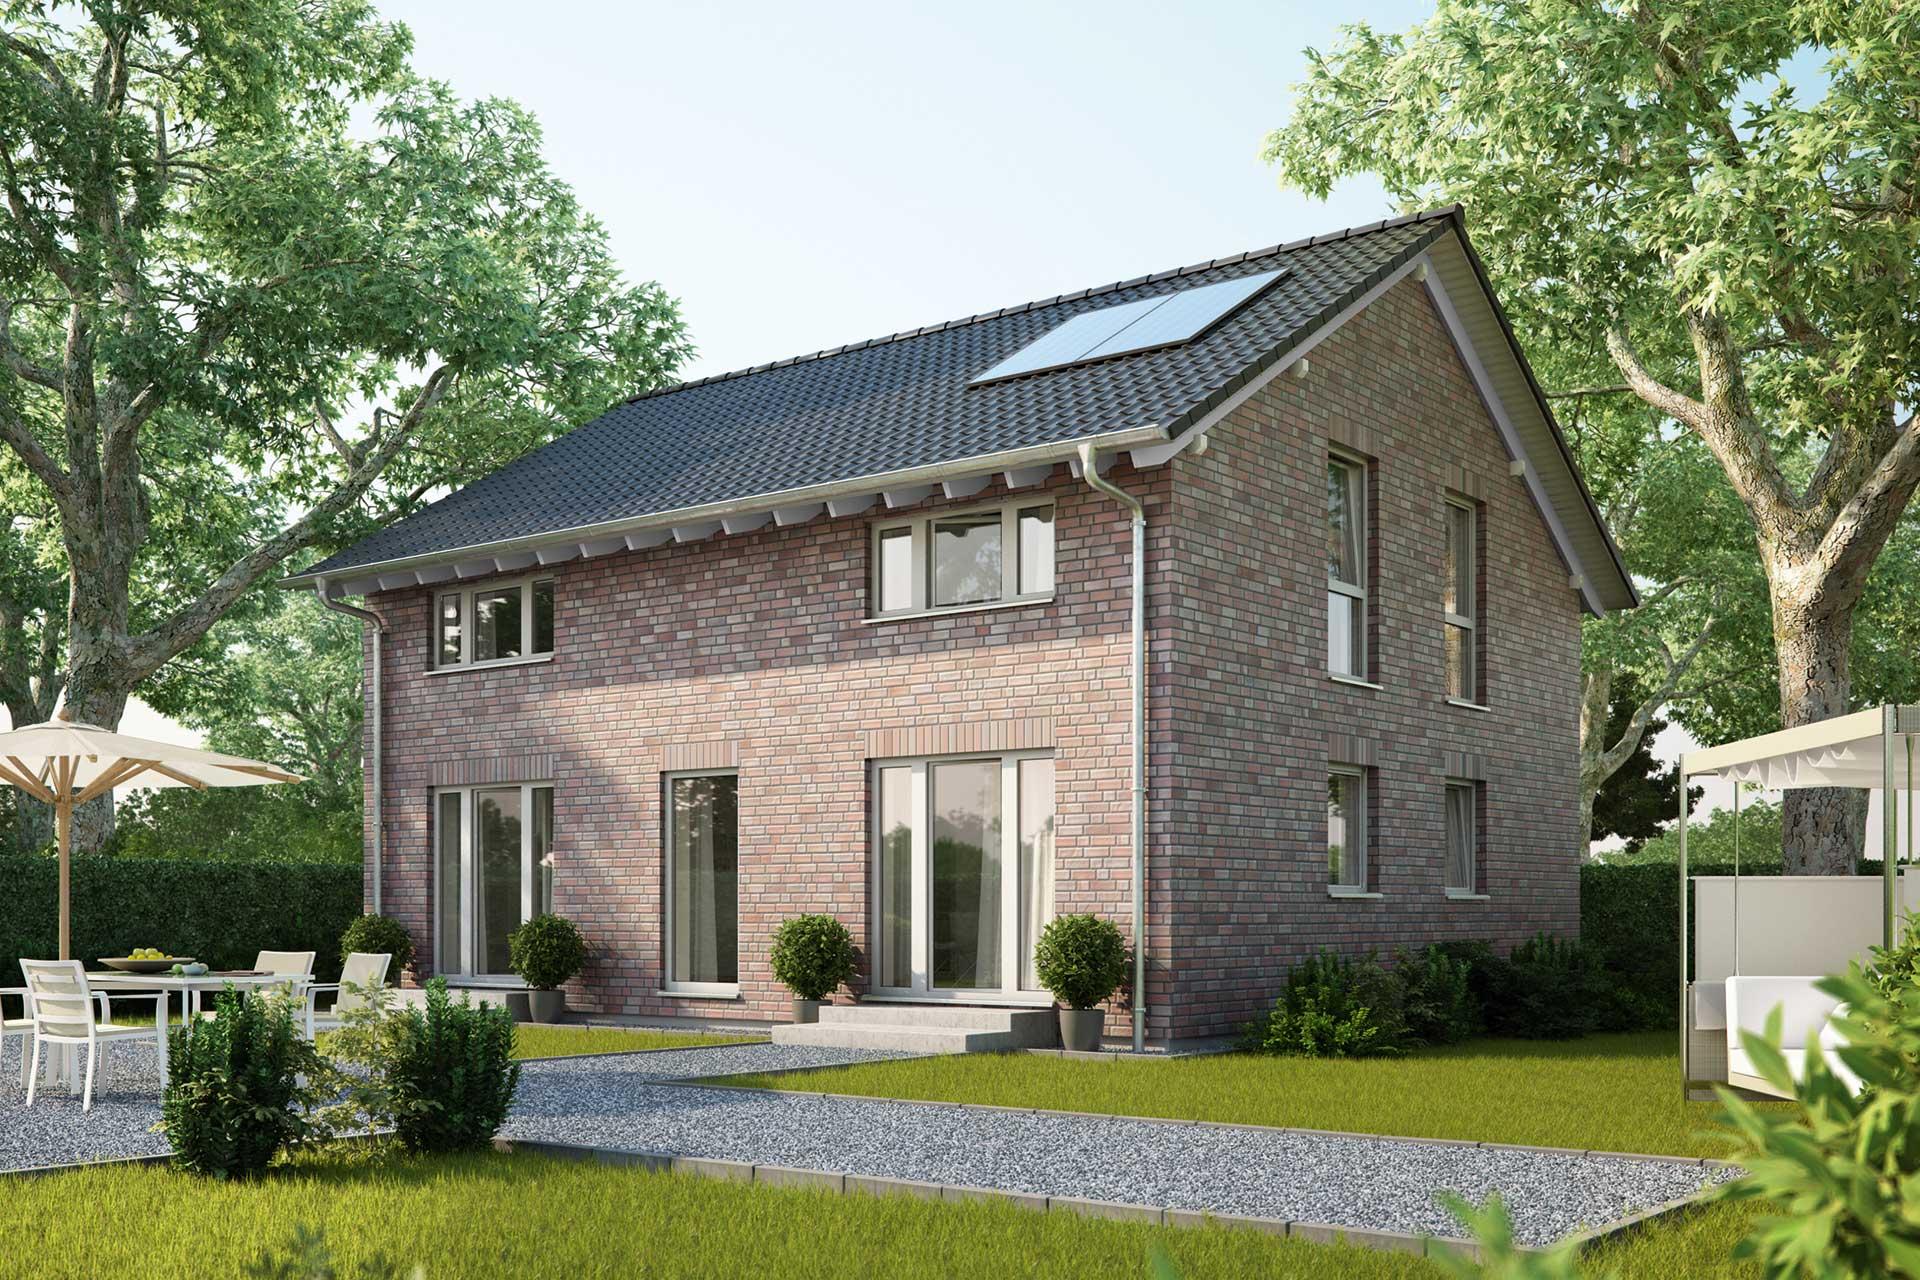 einfamilienhaus guenstig bauen platanenallee dominante. Black Bedroom Furniture Sets. Home Design Ideas